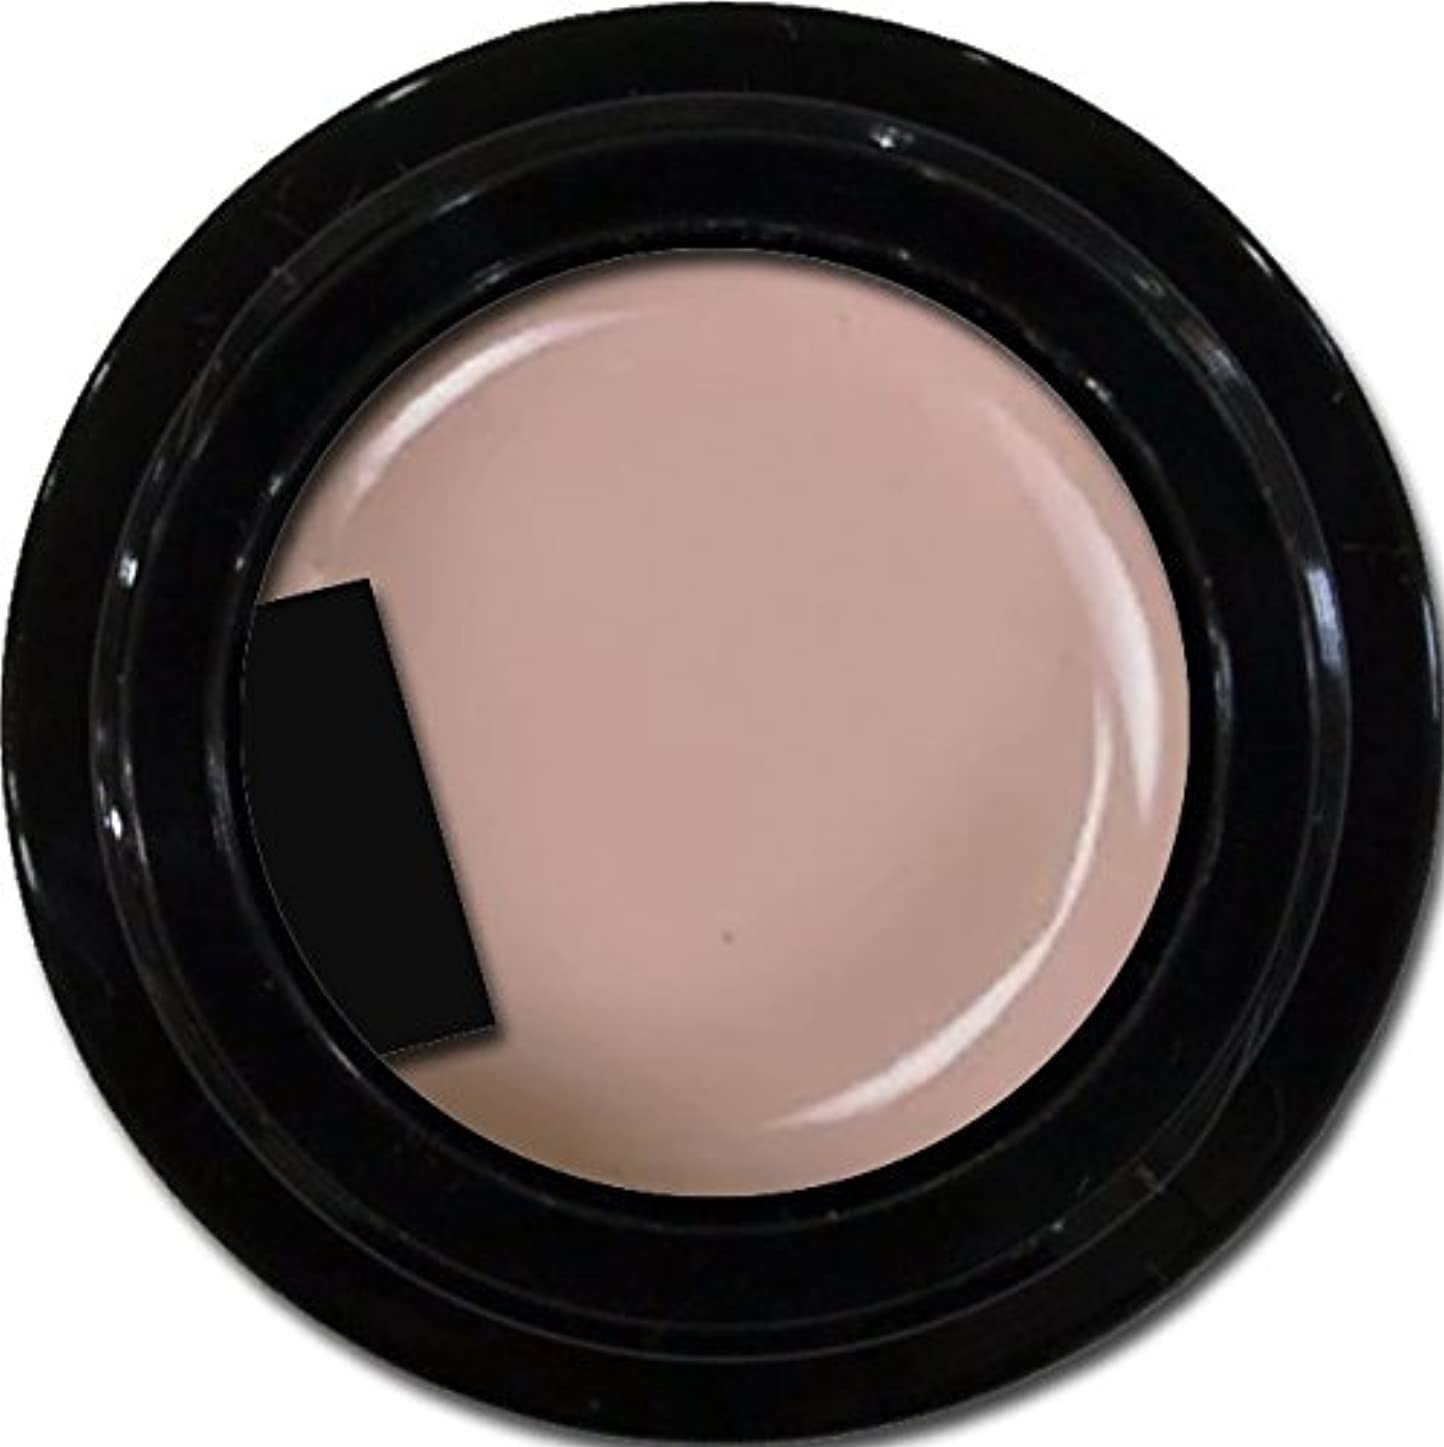 カラージェル enchant color gel M504 GreaseMocha 3g/ マットカラージェル M504 グレースモカ 3グラム